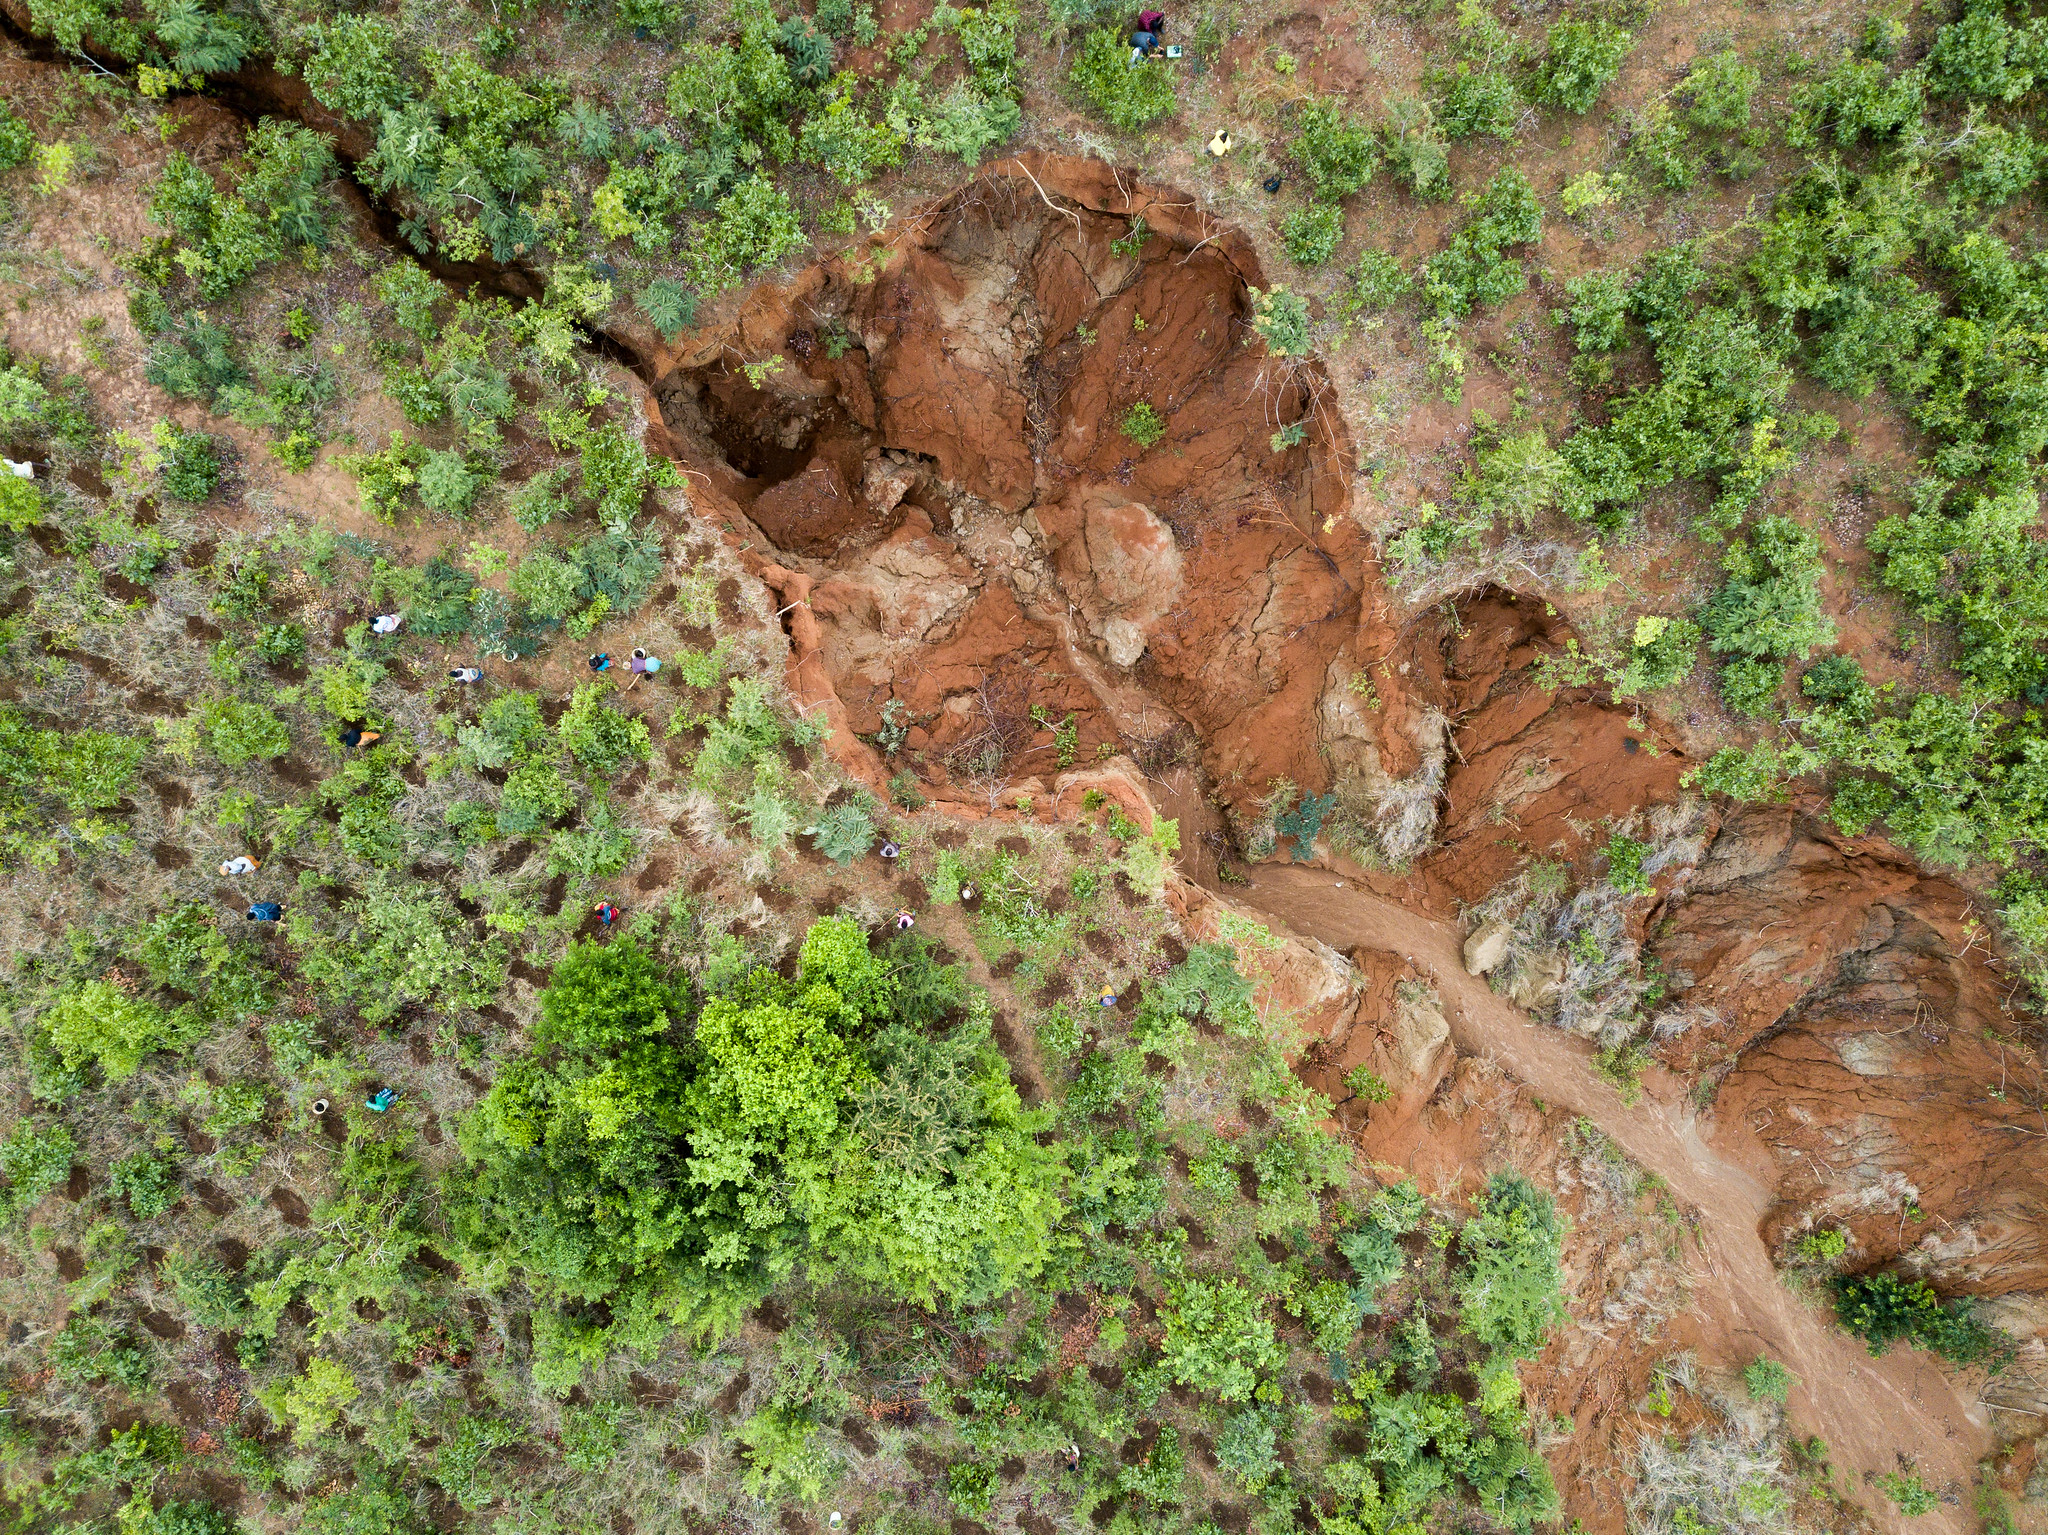 Enyezini aerial gully & planting holes